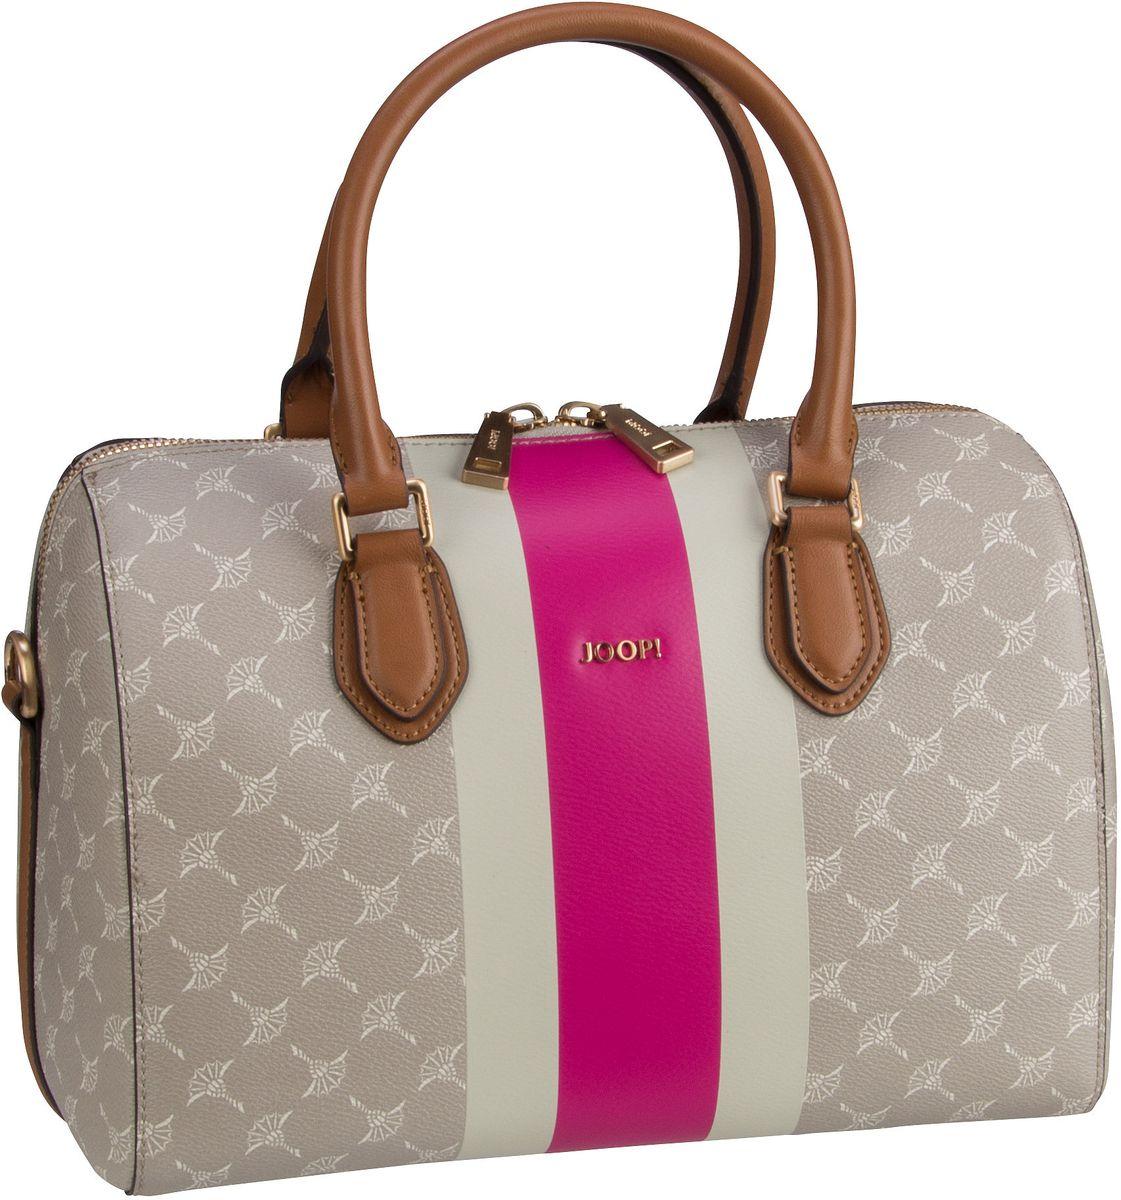 Handtasche Cortina Due Aurora HandBag SHZ Pink